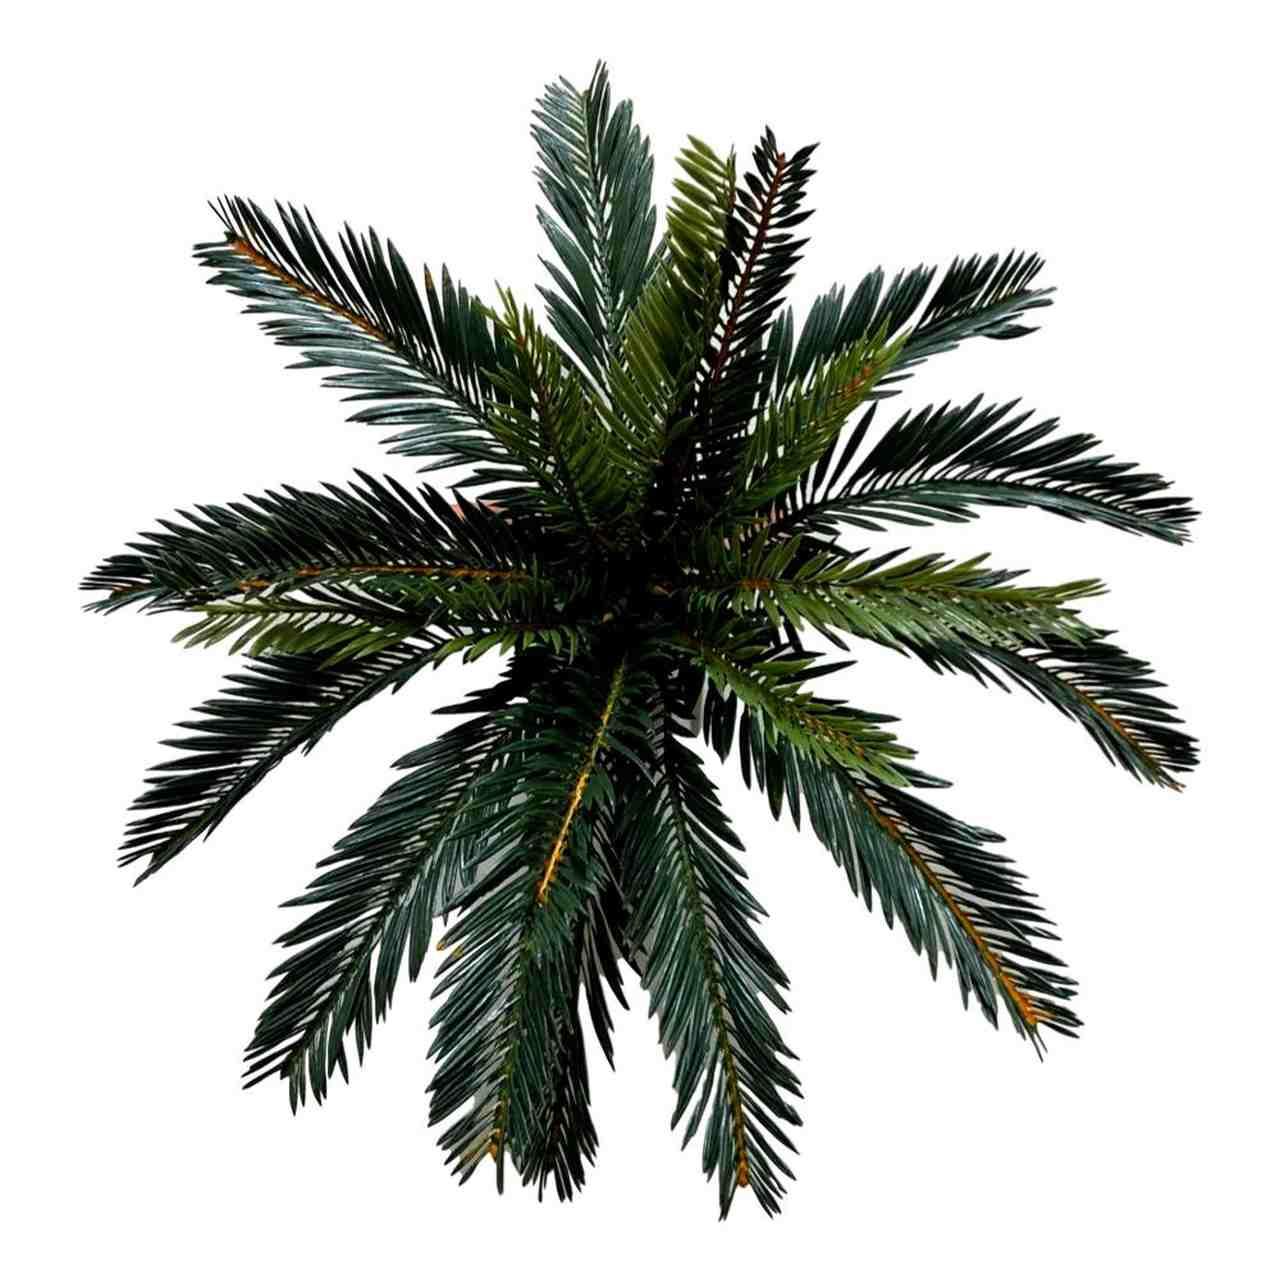 Planta Artificial Palmeira Cica Para Arranjos 42 Cm